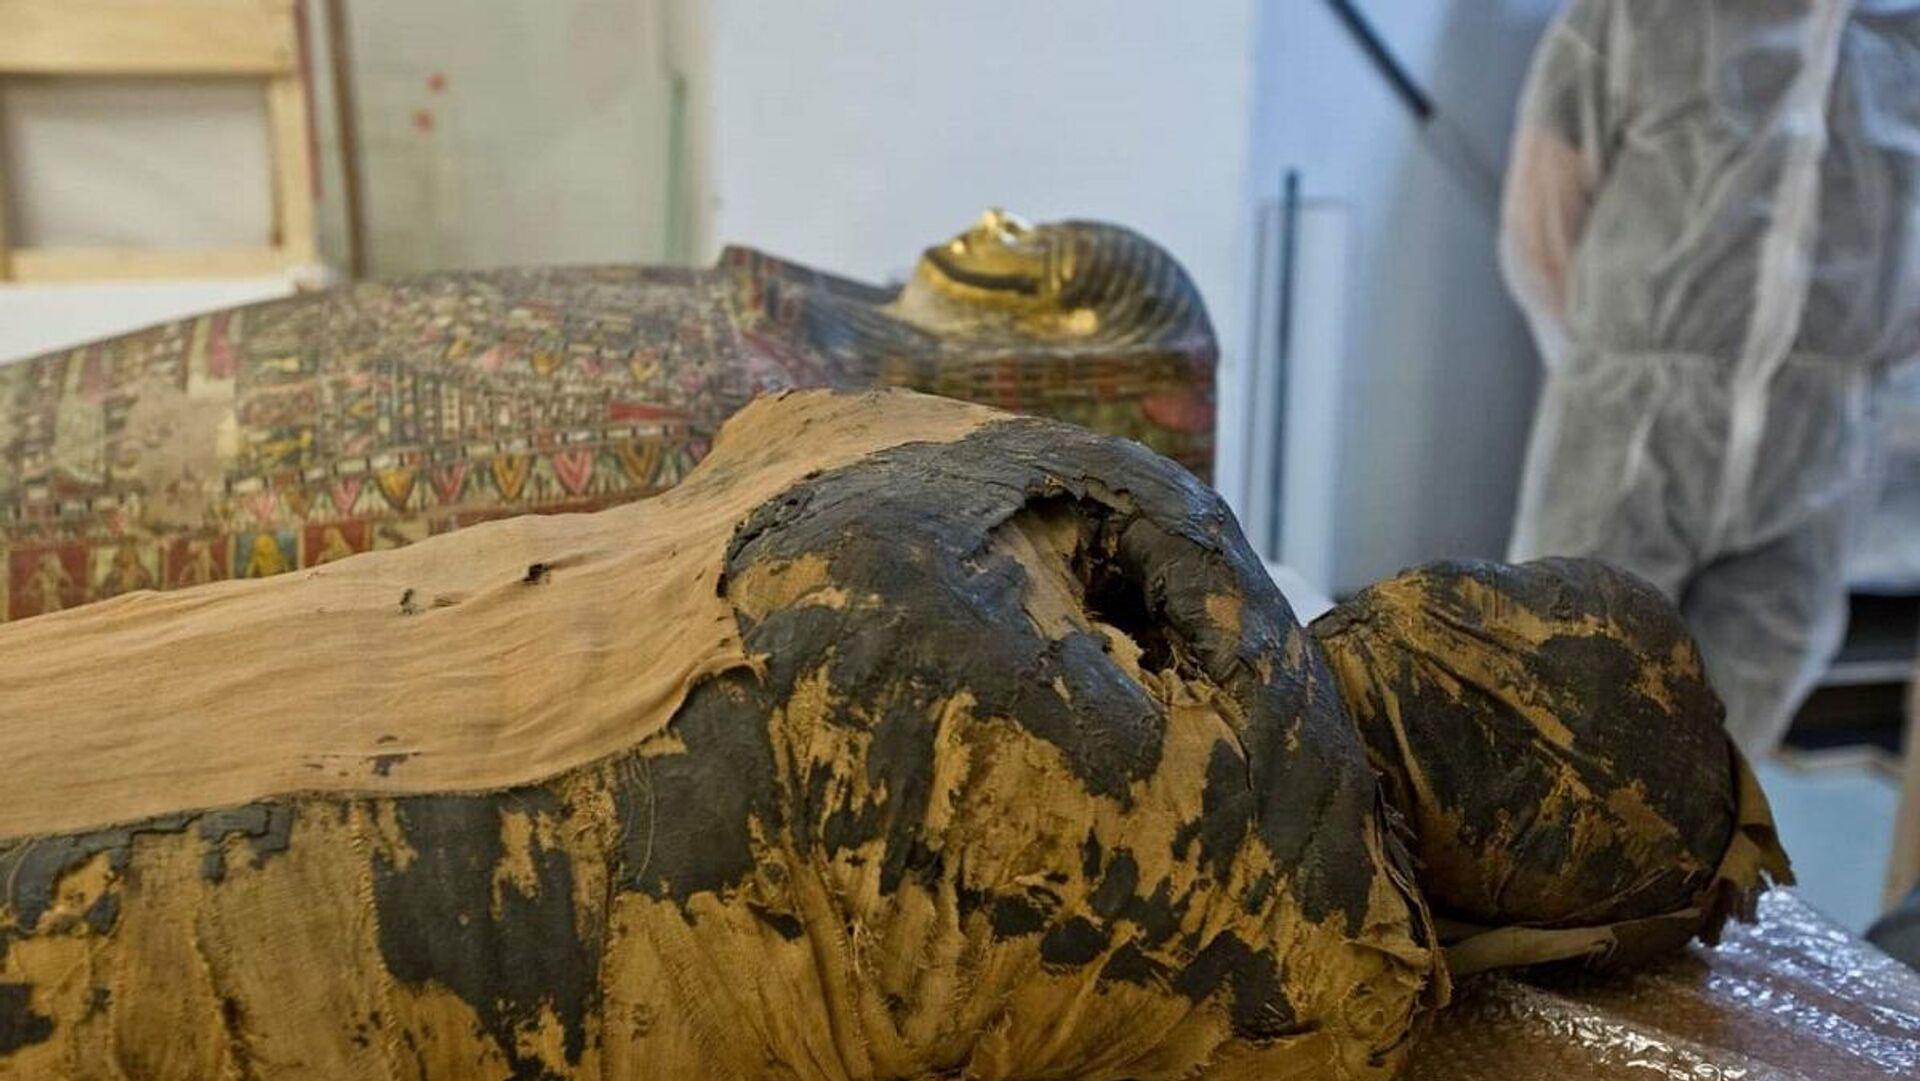 La primera momia egipcia de una mujer embarazada que se conoce hasta ahora - Sputnik Mundo, 1920, 30.04.2021